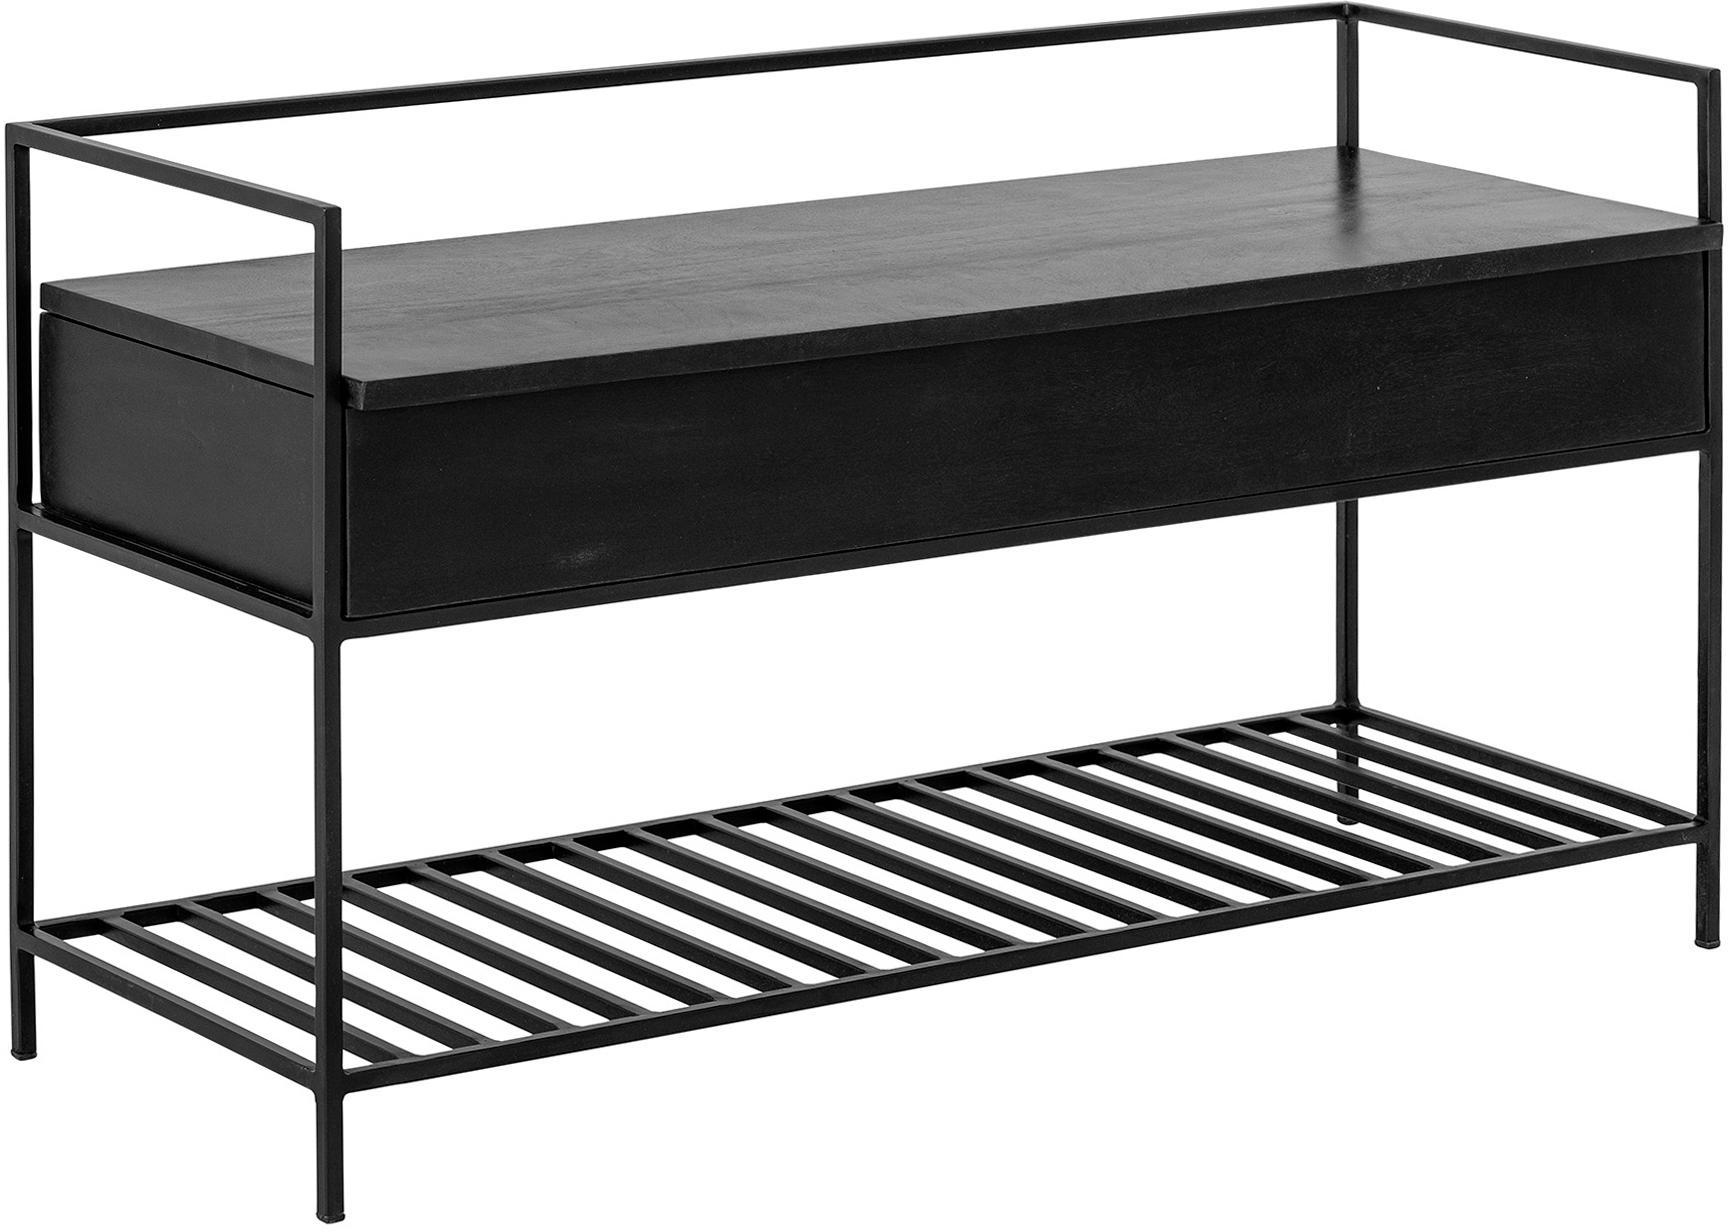 Banco Abelone, con espacio de almacenamiento, Asiento: madera de mango recubiert, Estructura: metal recubierto, Negro, An 102 x F 40 cm